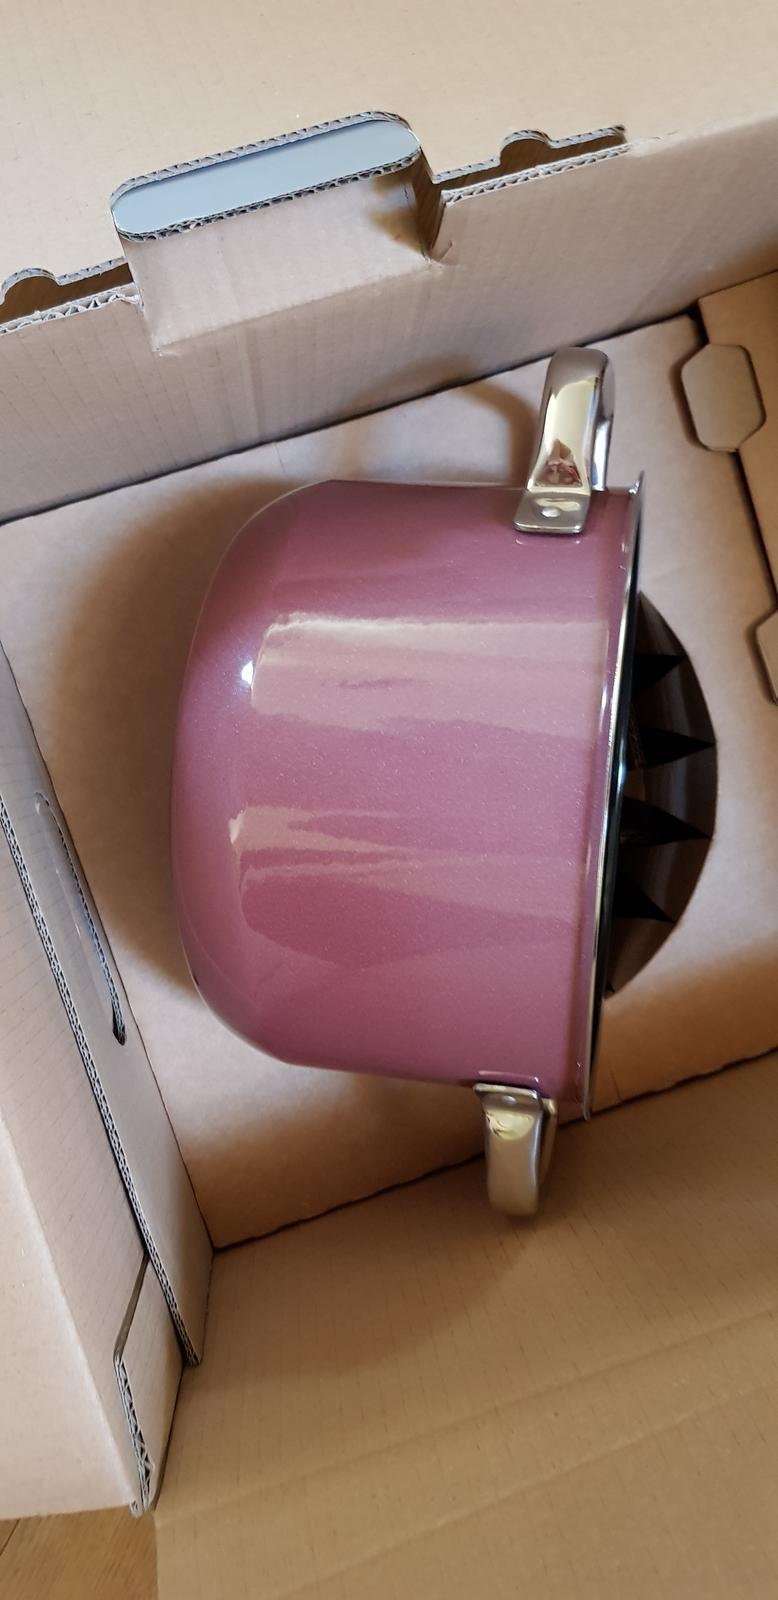 Nepoužitá sada WMF Fusiontec mineral - st.rúžova - Obrázok č. 1